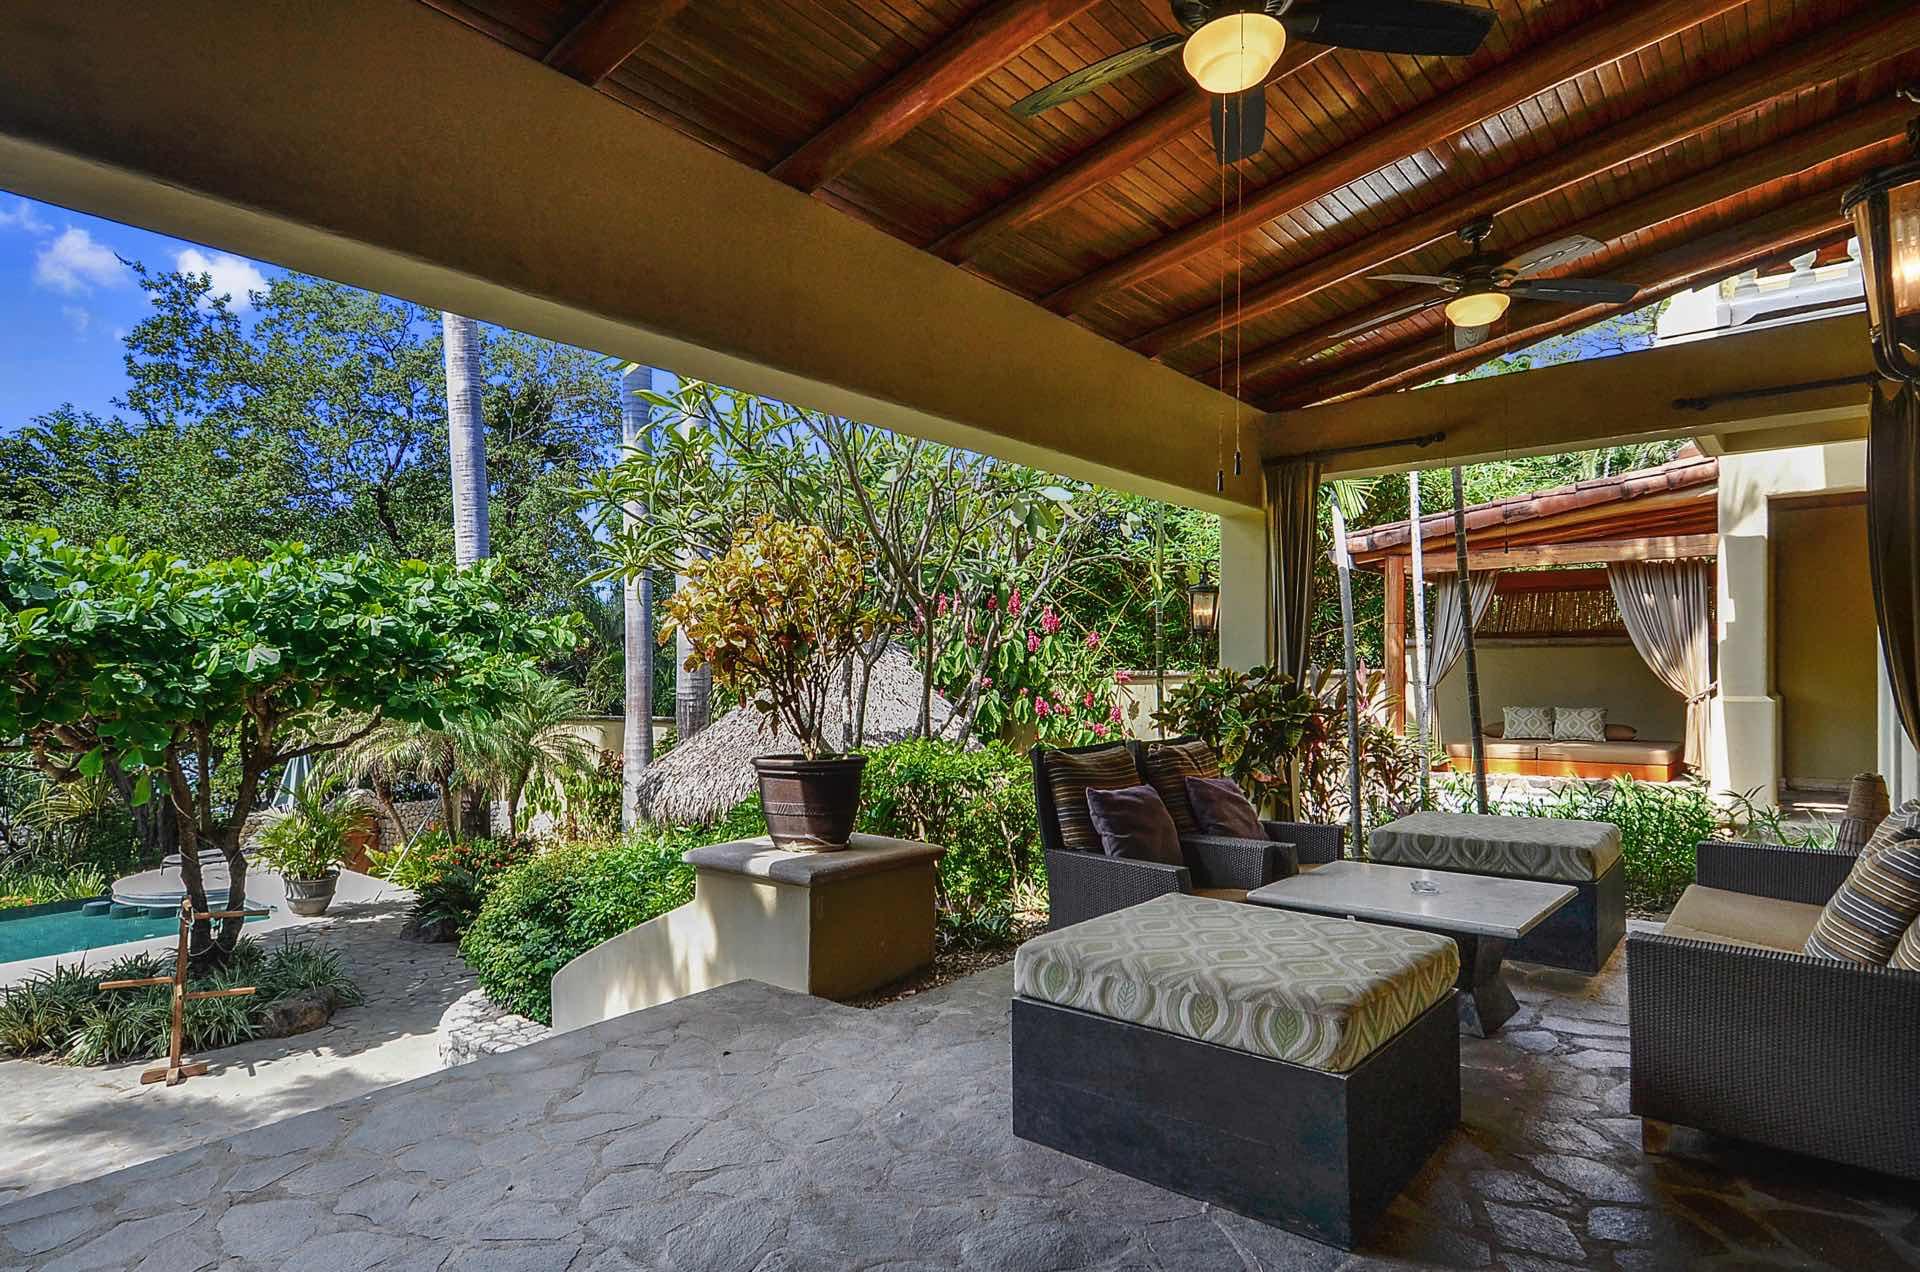 Breezy outdoor living area